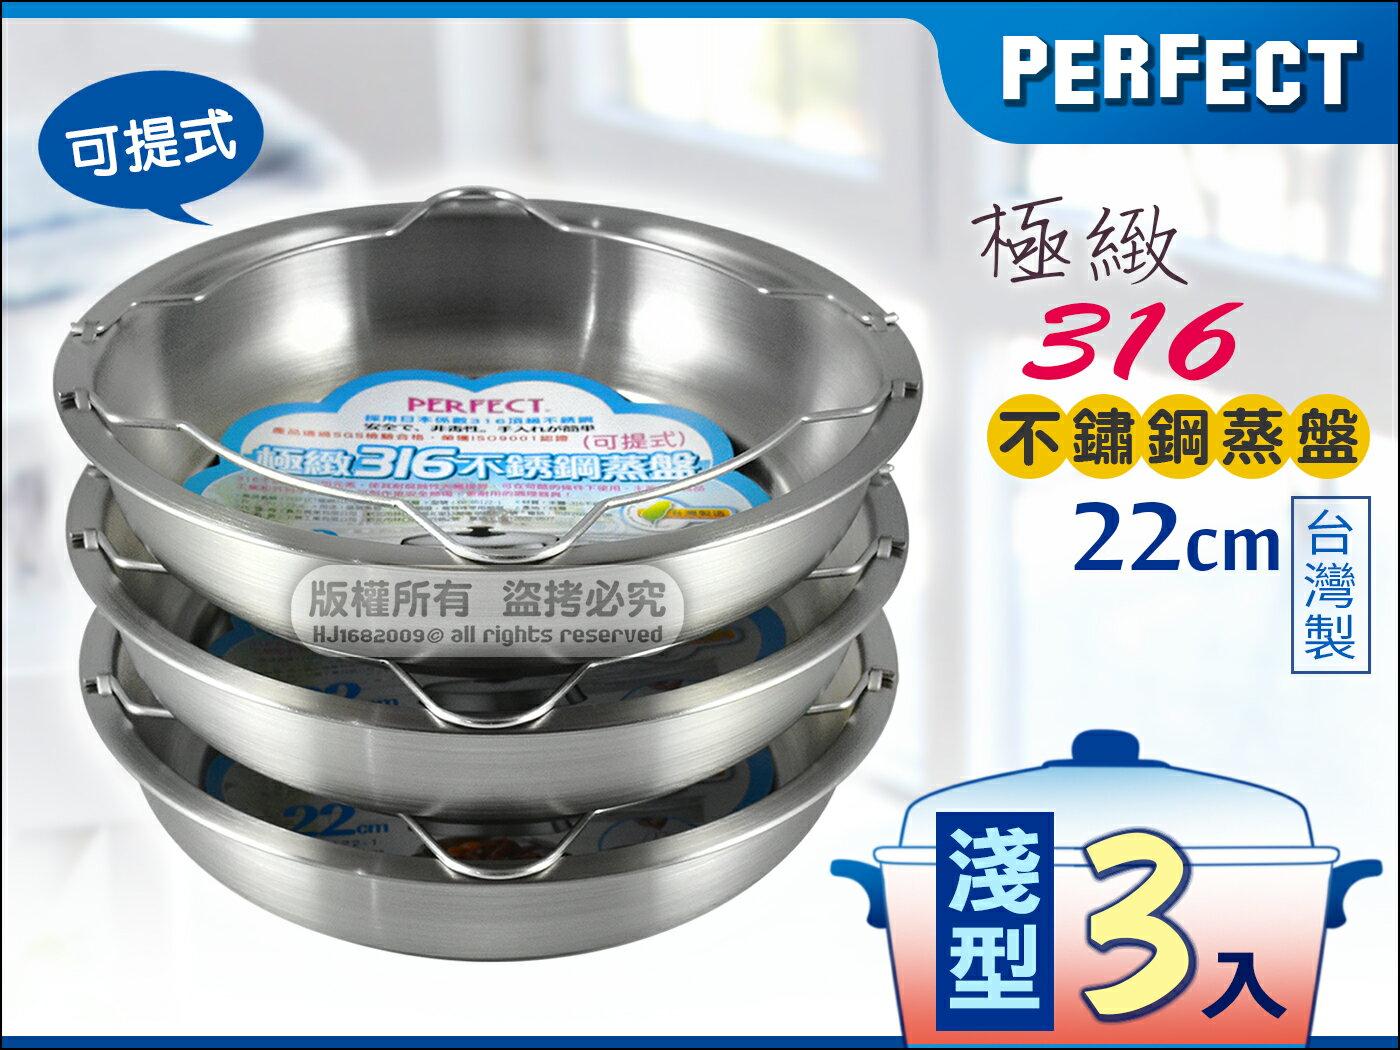 快樂屋♪ PERFECT 極緻#316不鏽鋼 可提式蒸盤 22cm【淺型3入】層疊蒸煮 省時節能 台灣製造 電鍋適用